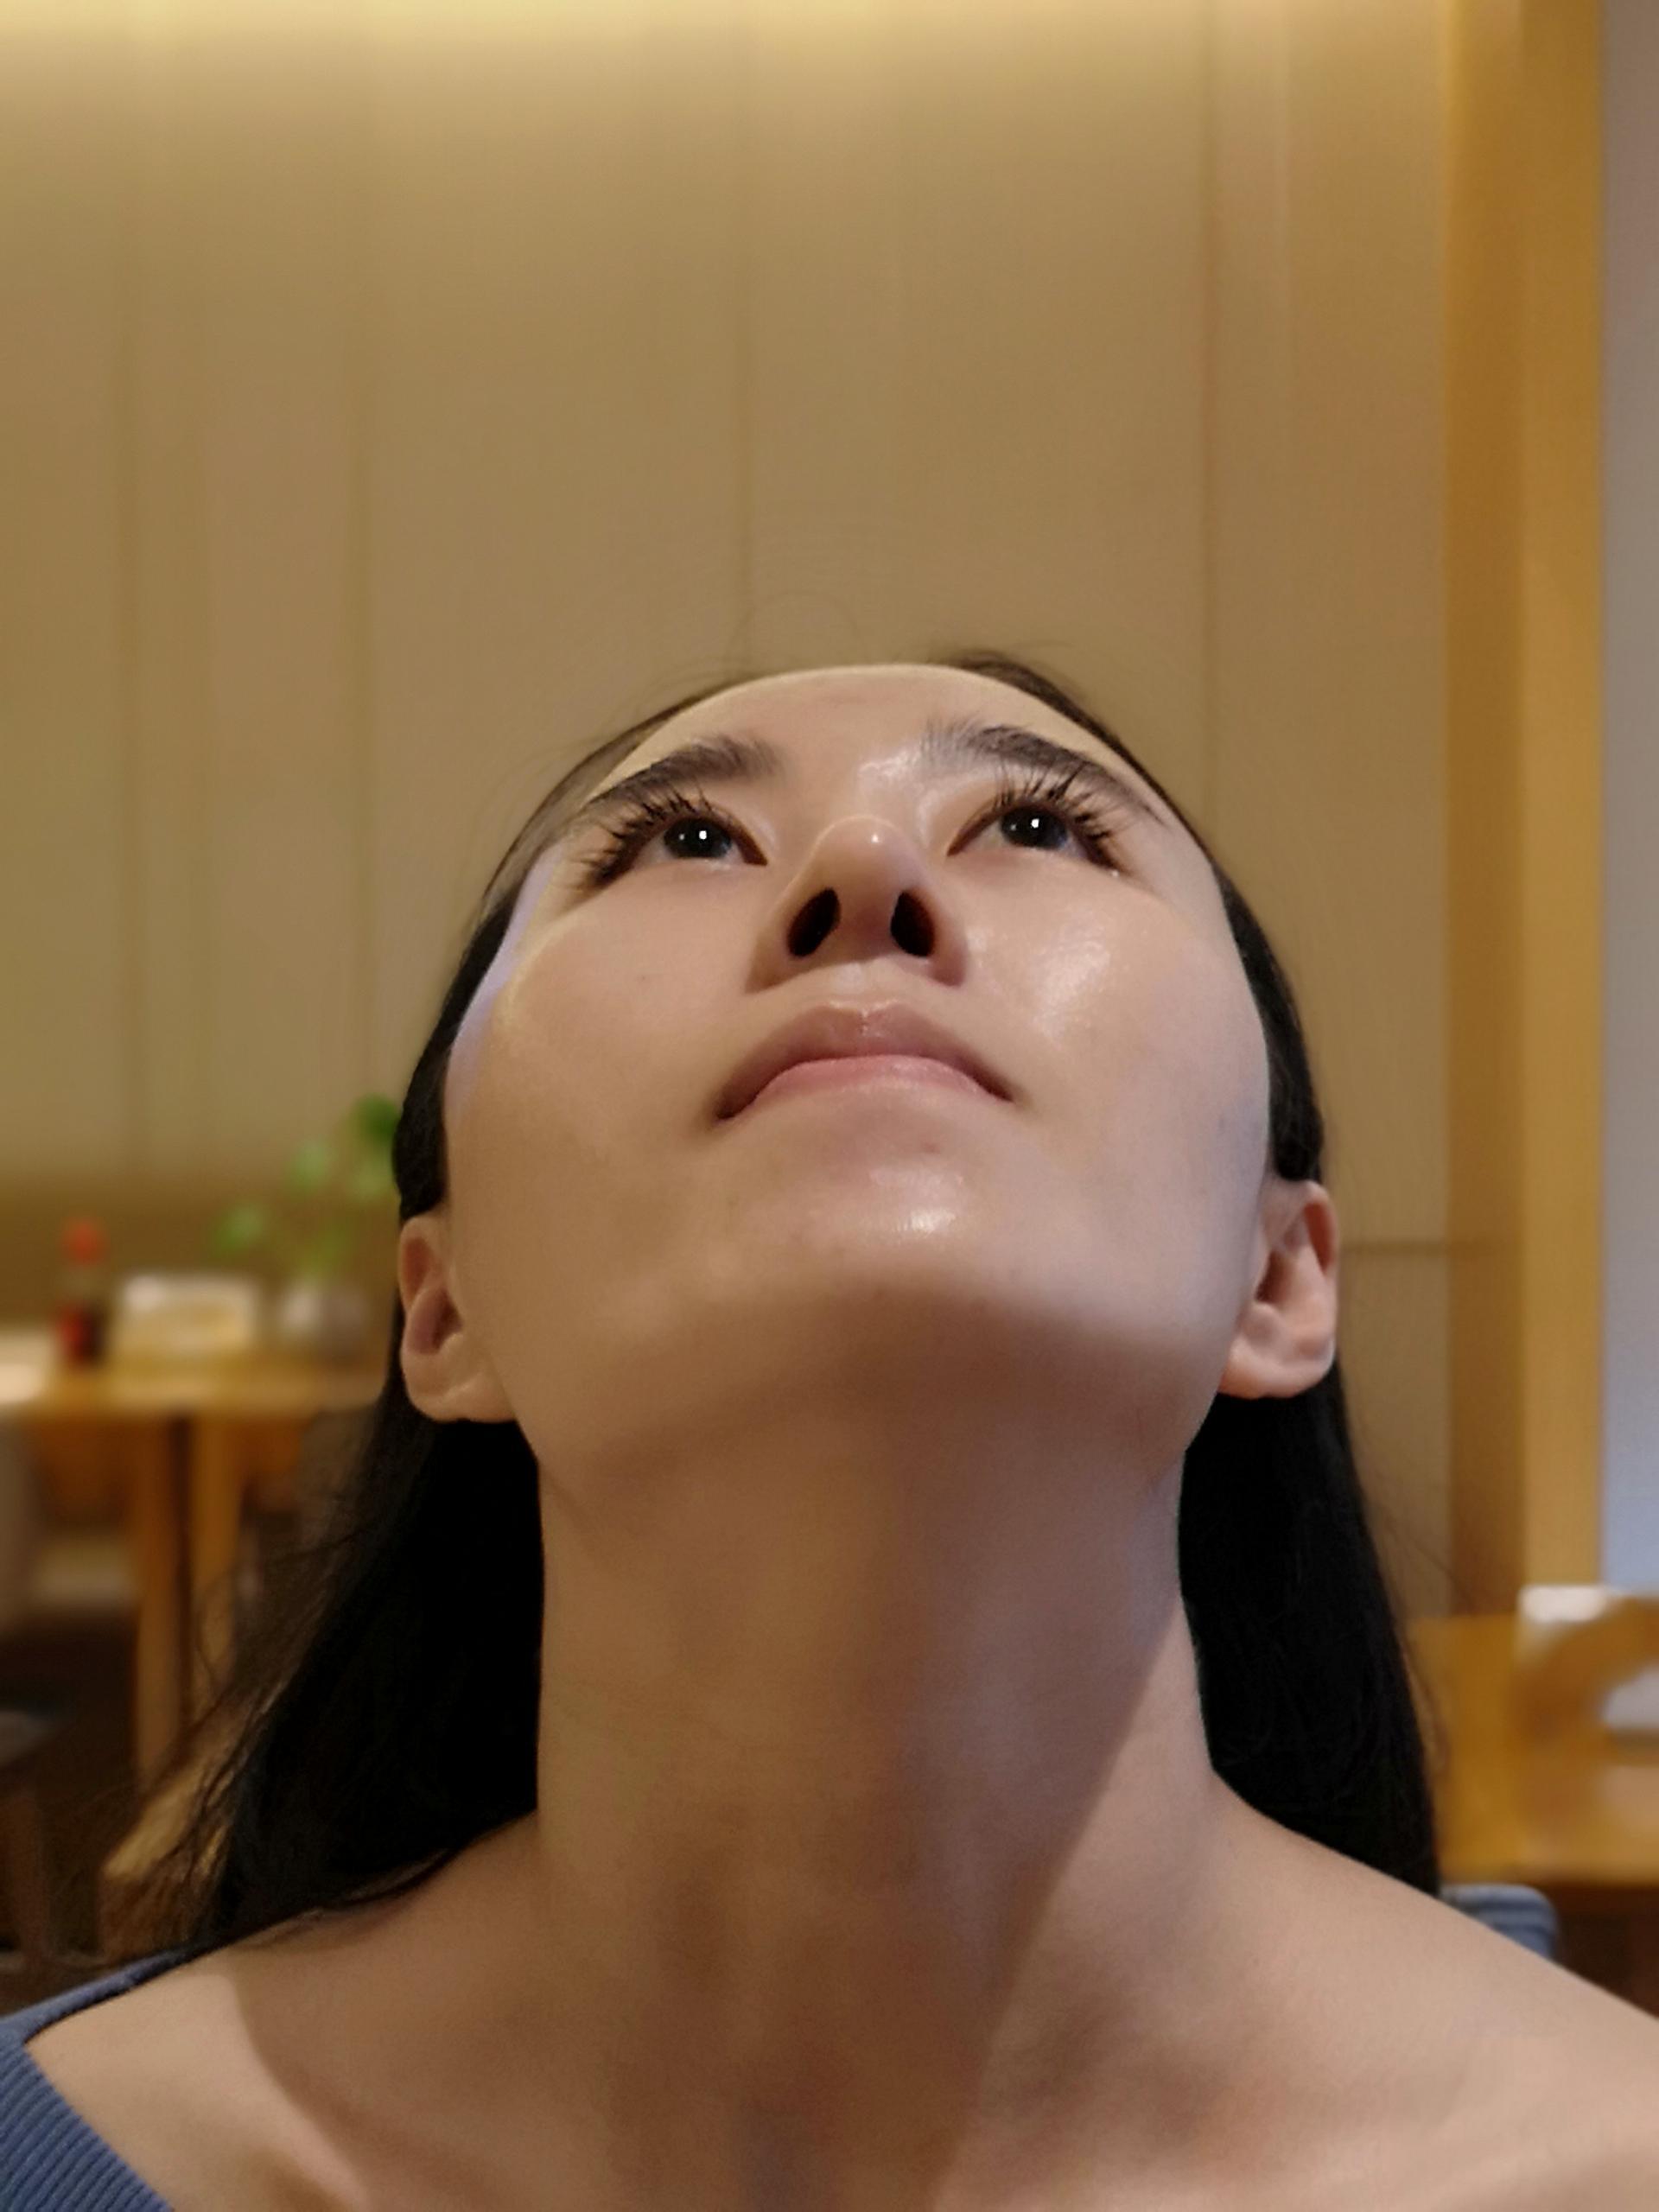 做完鼻子以后确实自信了不少。术后一直坚持戴鼻夹,吃药,抹药膏,多吃清凉下火的食物。一个月,鼻头增生得并不严重。希望以后能够坚持健身,争取身体素质的整体提高就更好了。